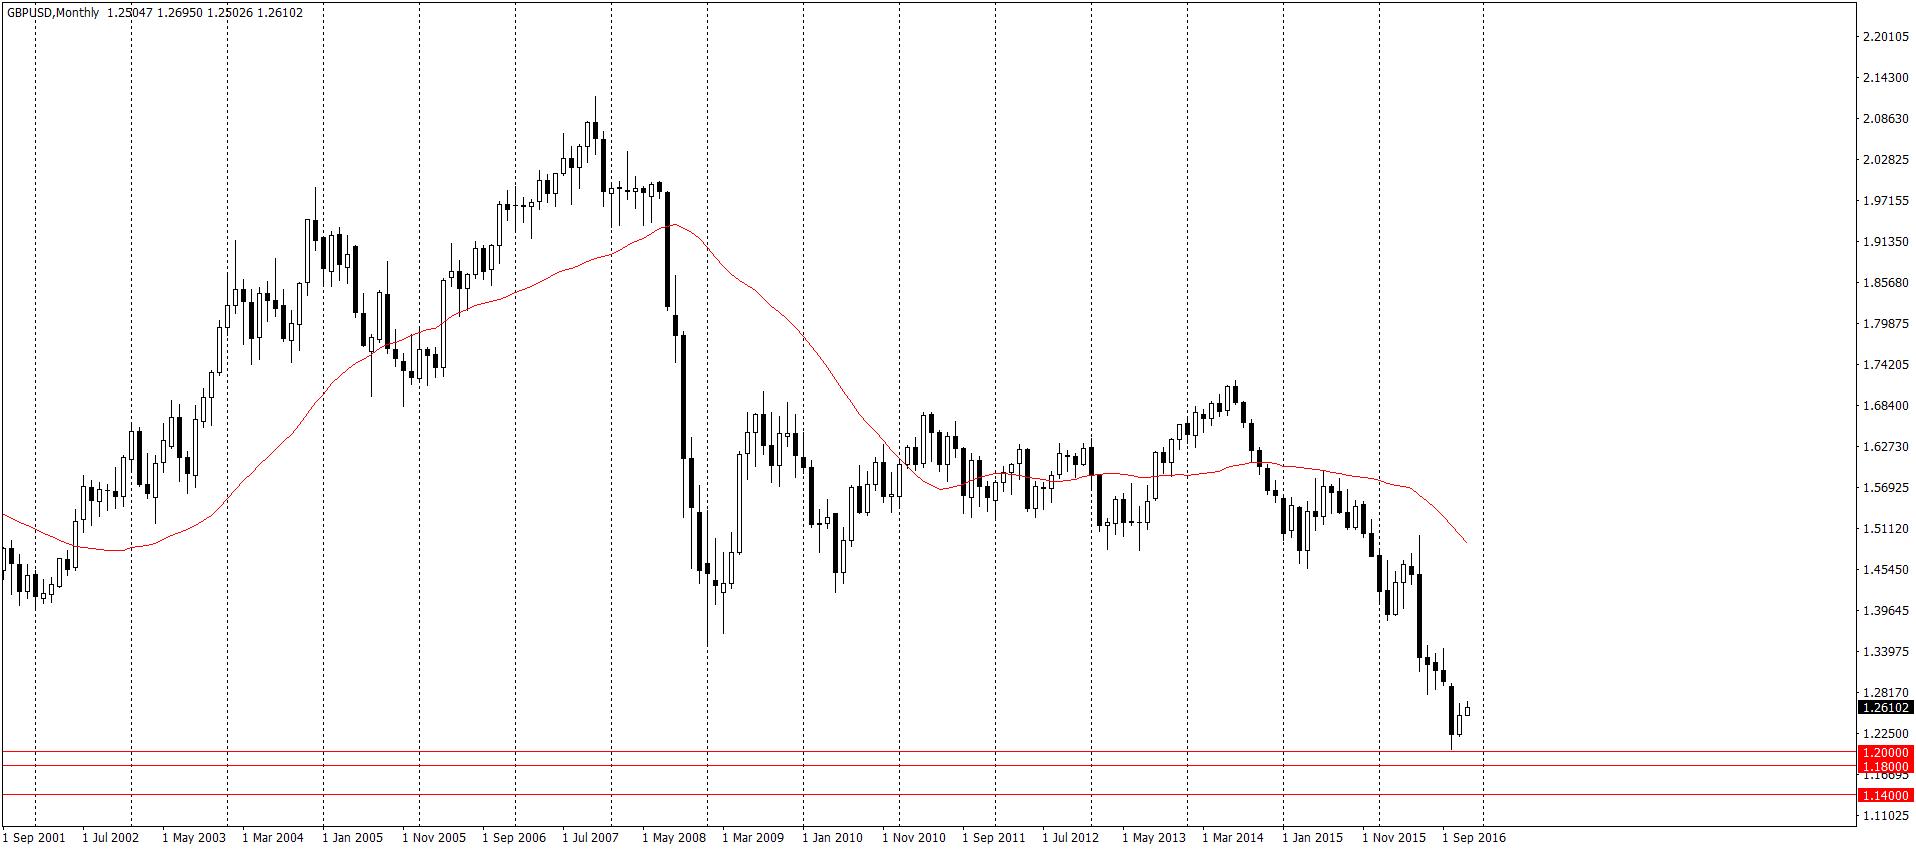 GBP/USD D1 oczami Goldman Sachs. Czeka nas spadek o kolejne 1200 pipsów? Najpierw pokonane muszą zostać listopadowe dołkami na 1.20